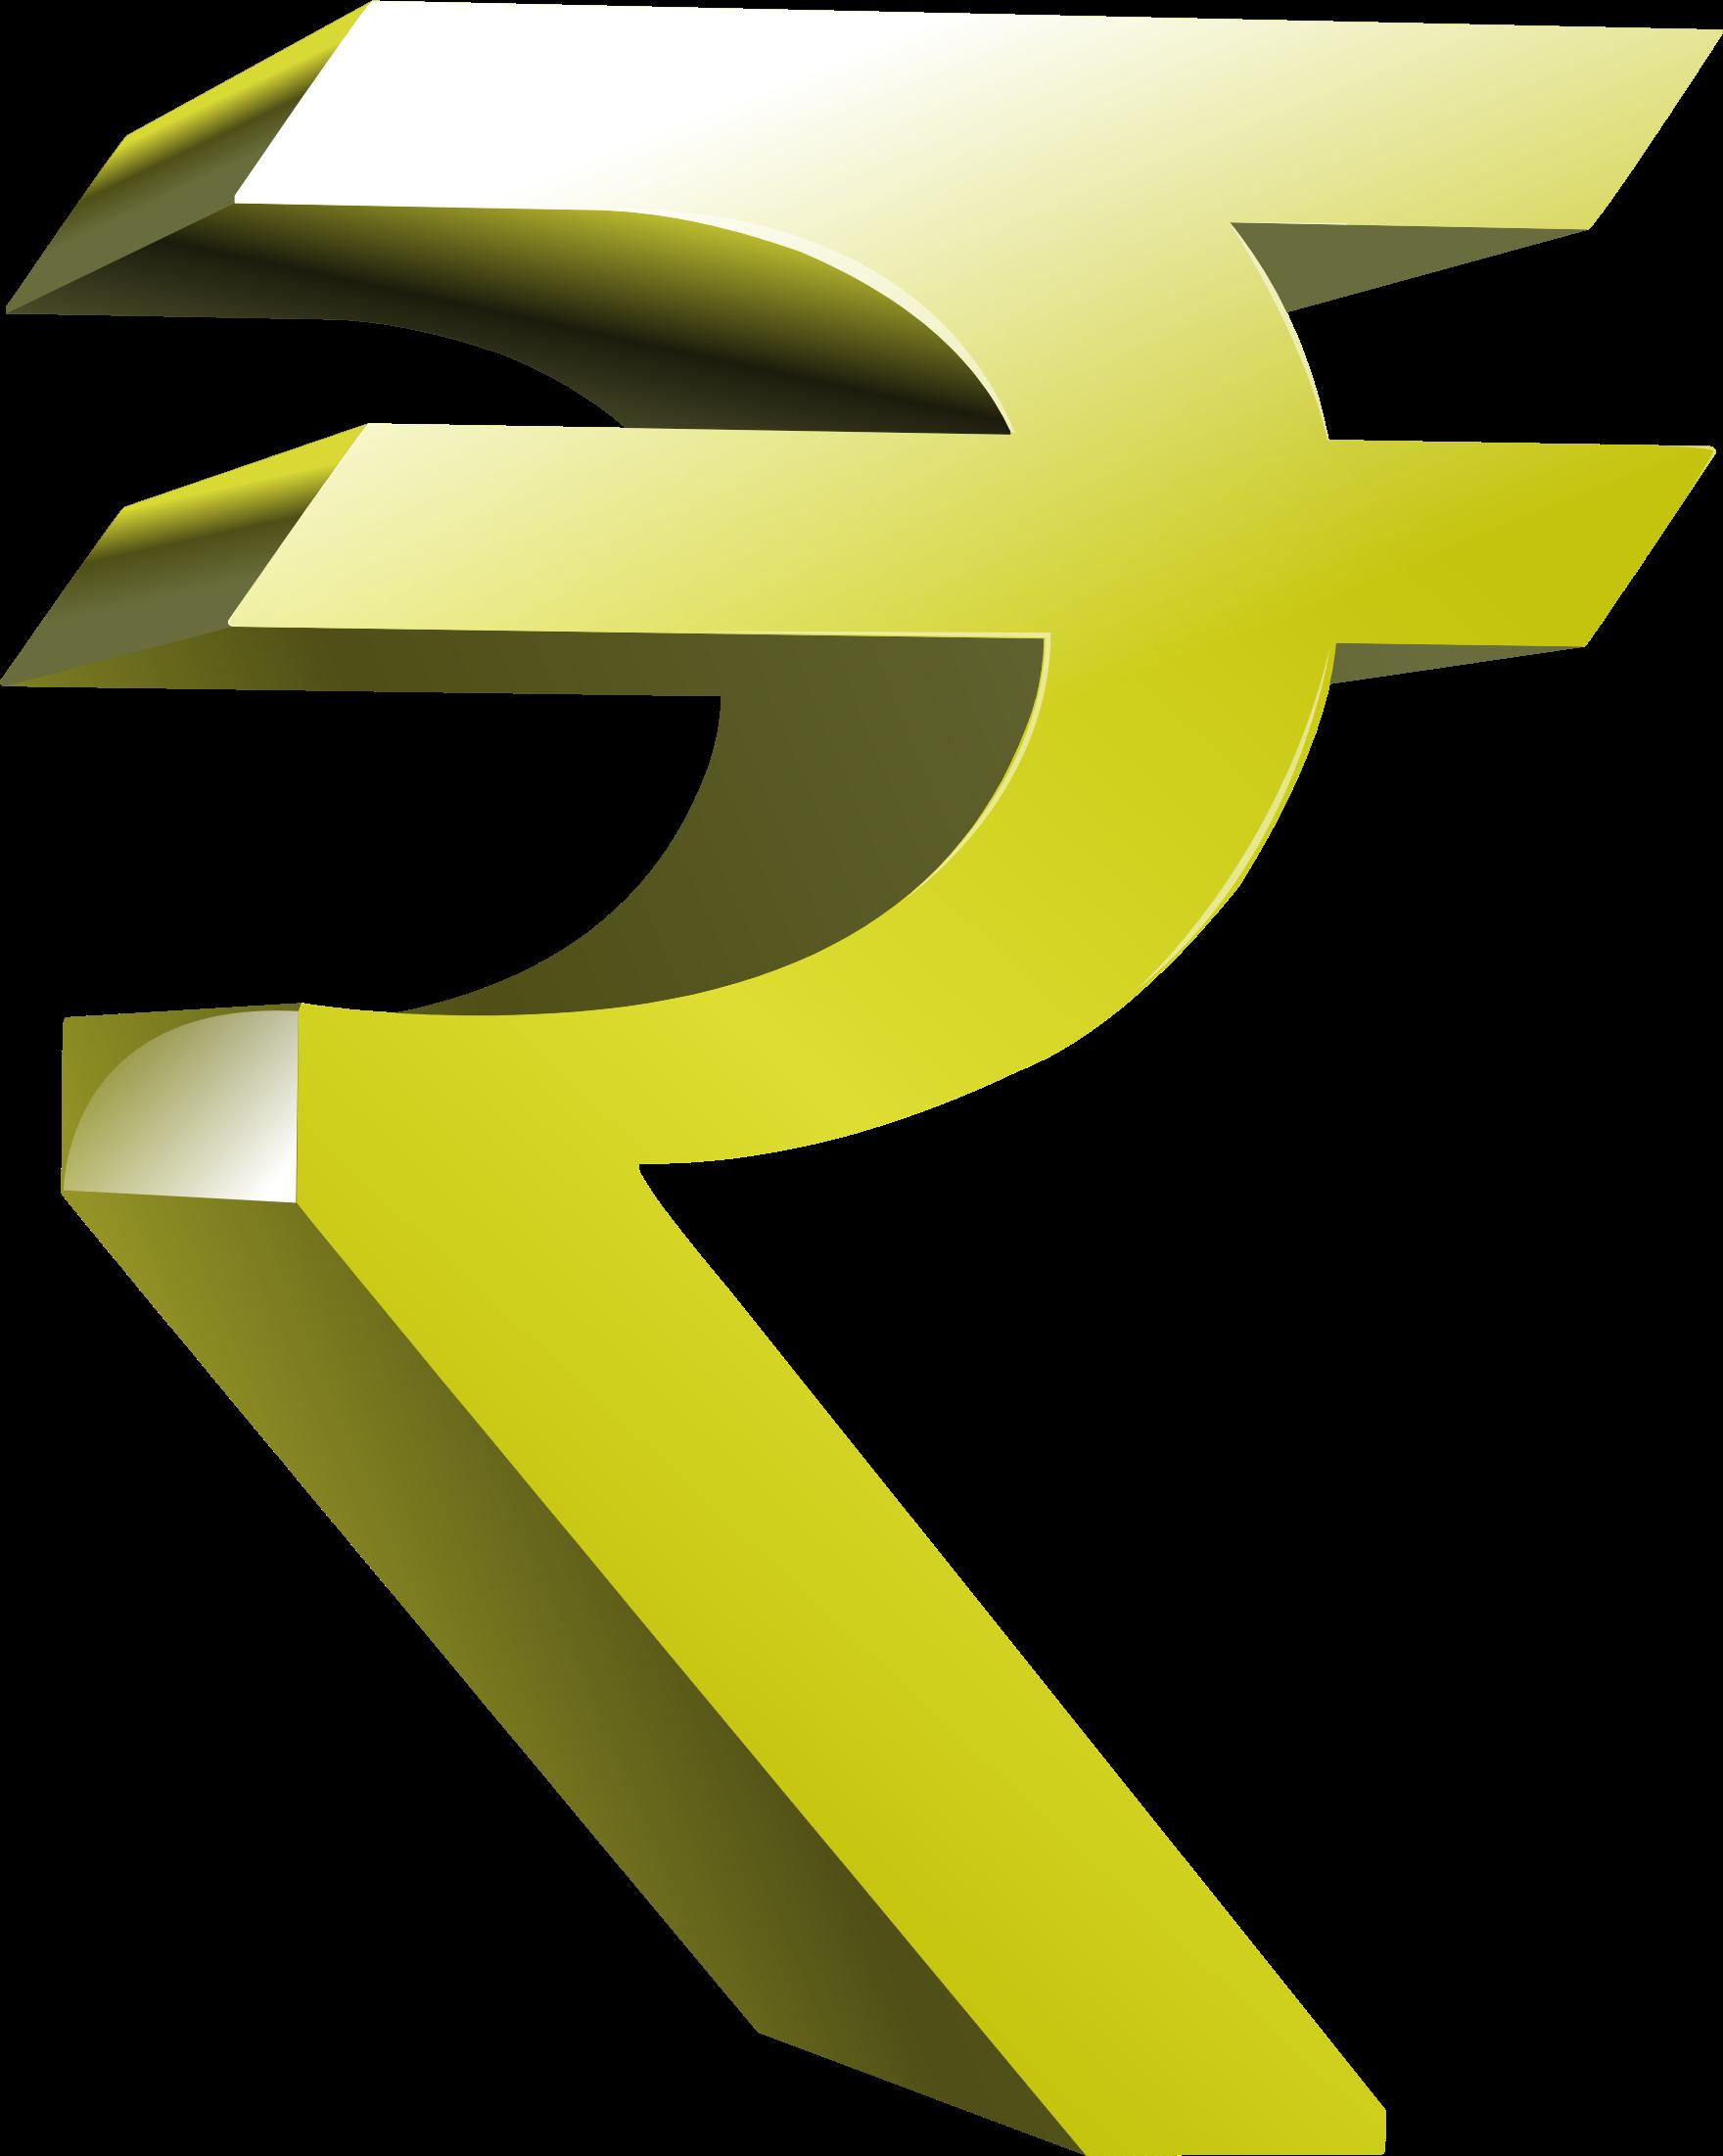 Clipart rupee symbol.